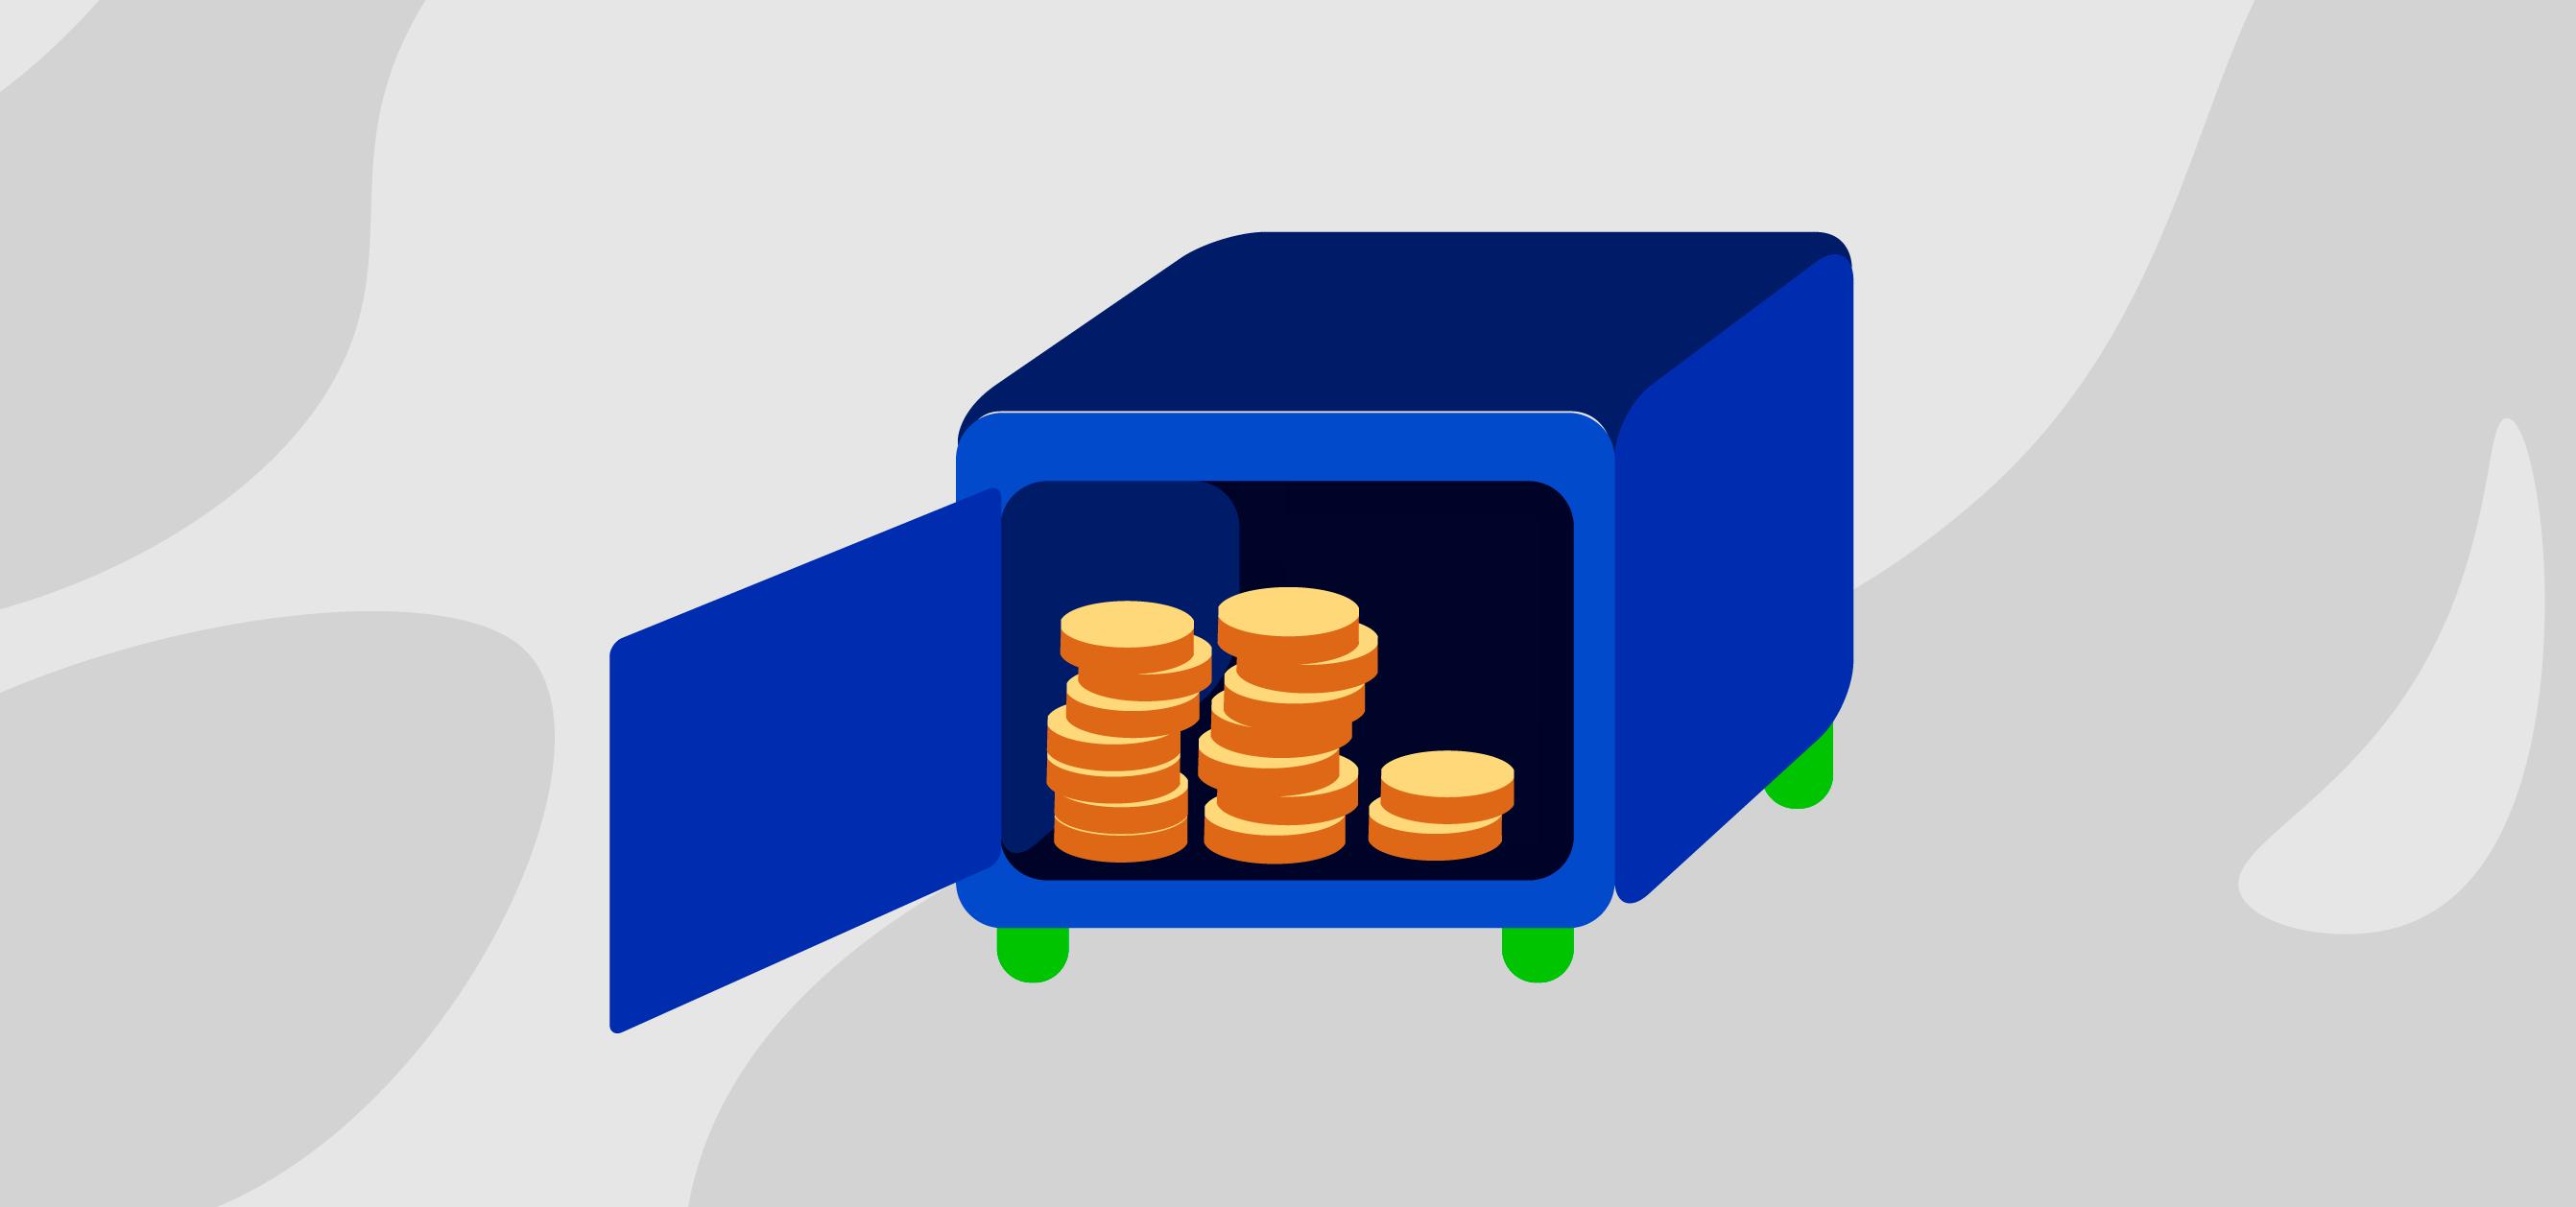 кредиты списываются по истечении времени